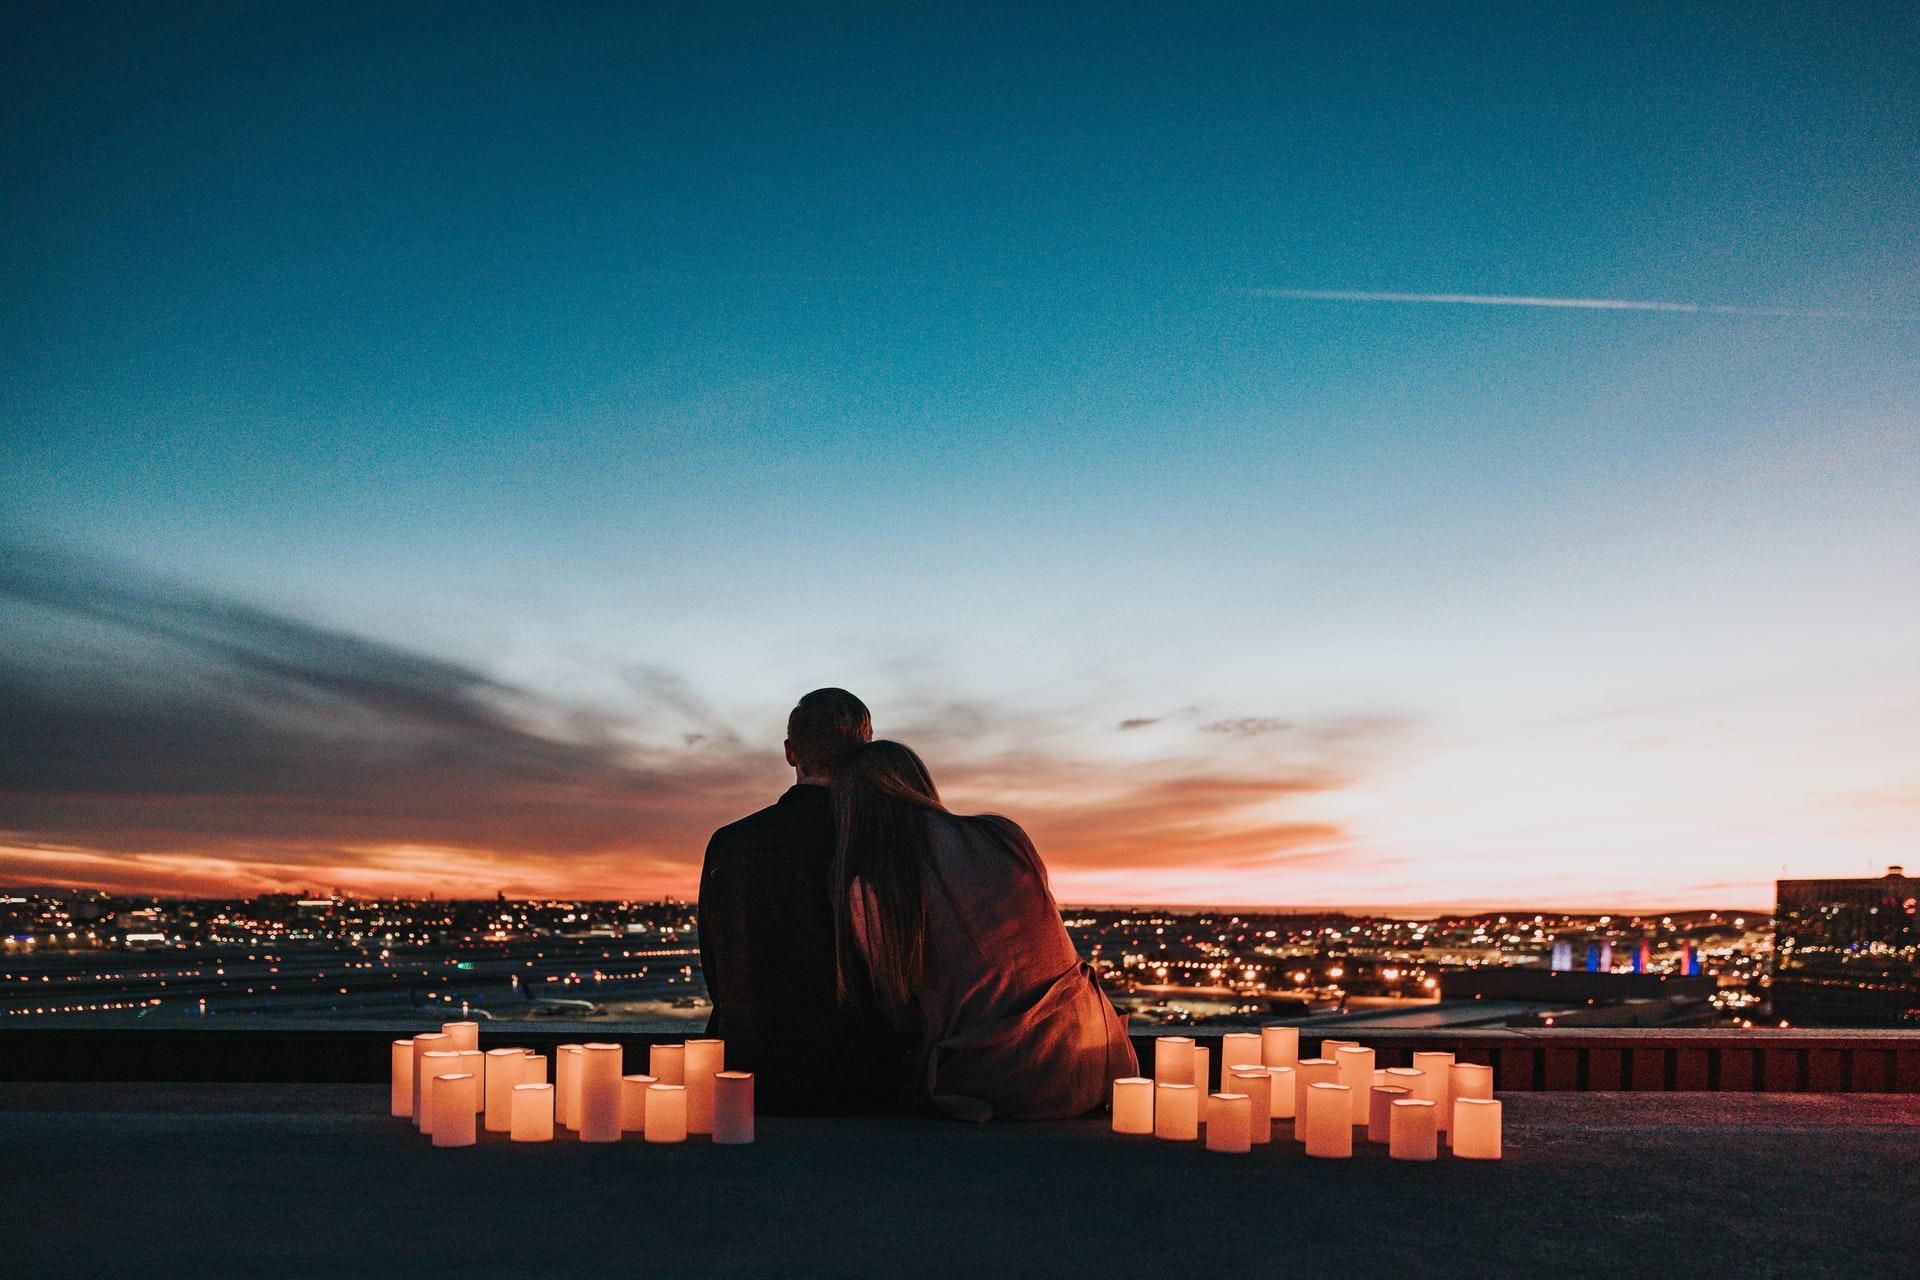 別れてから仲良くなった元彼とは復縁できる?恋人の頃より仲良しになれる理由&よりを戻して幸せになれる場合・このまま仲良しでいるべき場合